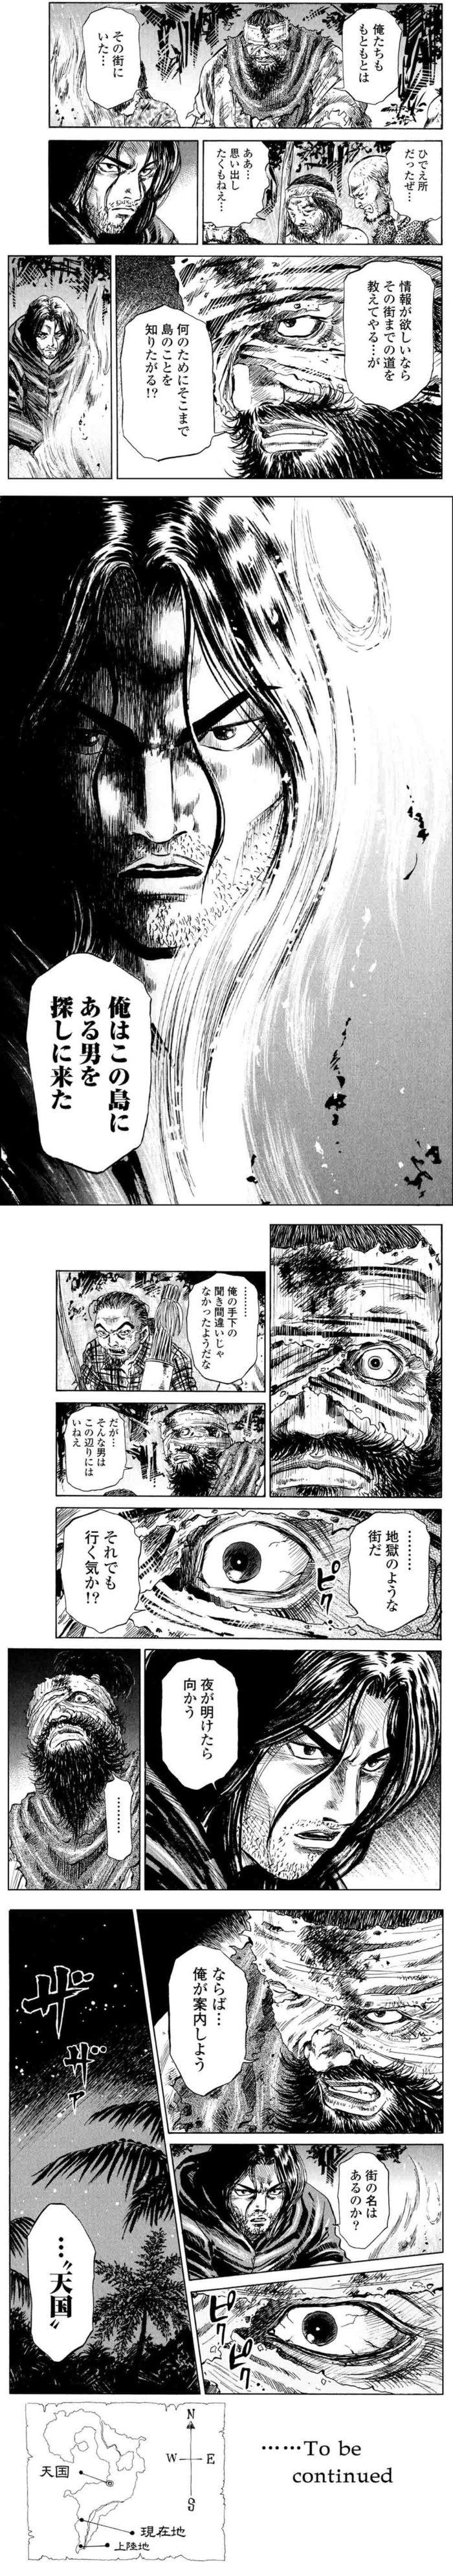 tengokuno-shima02-06